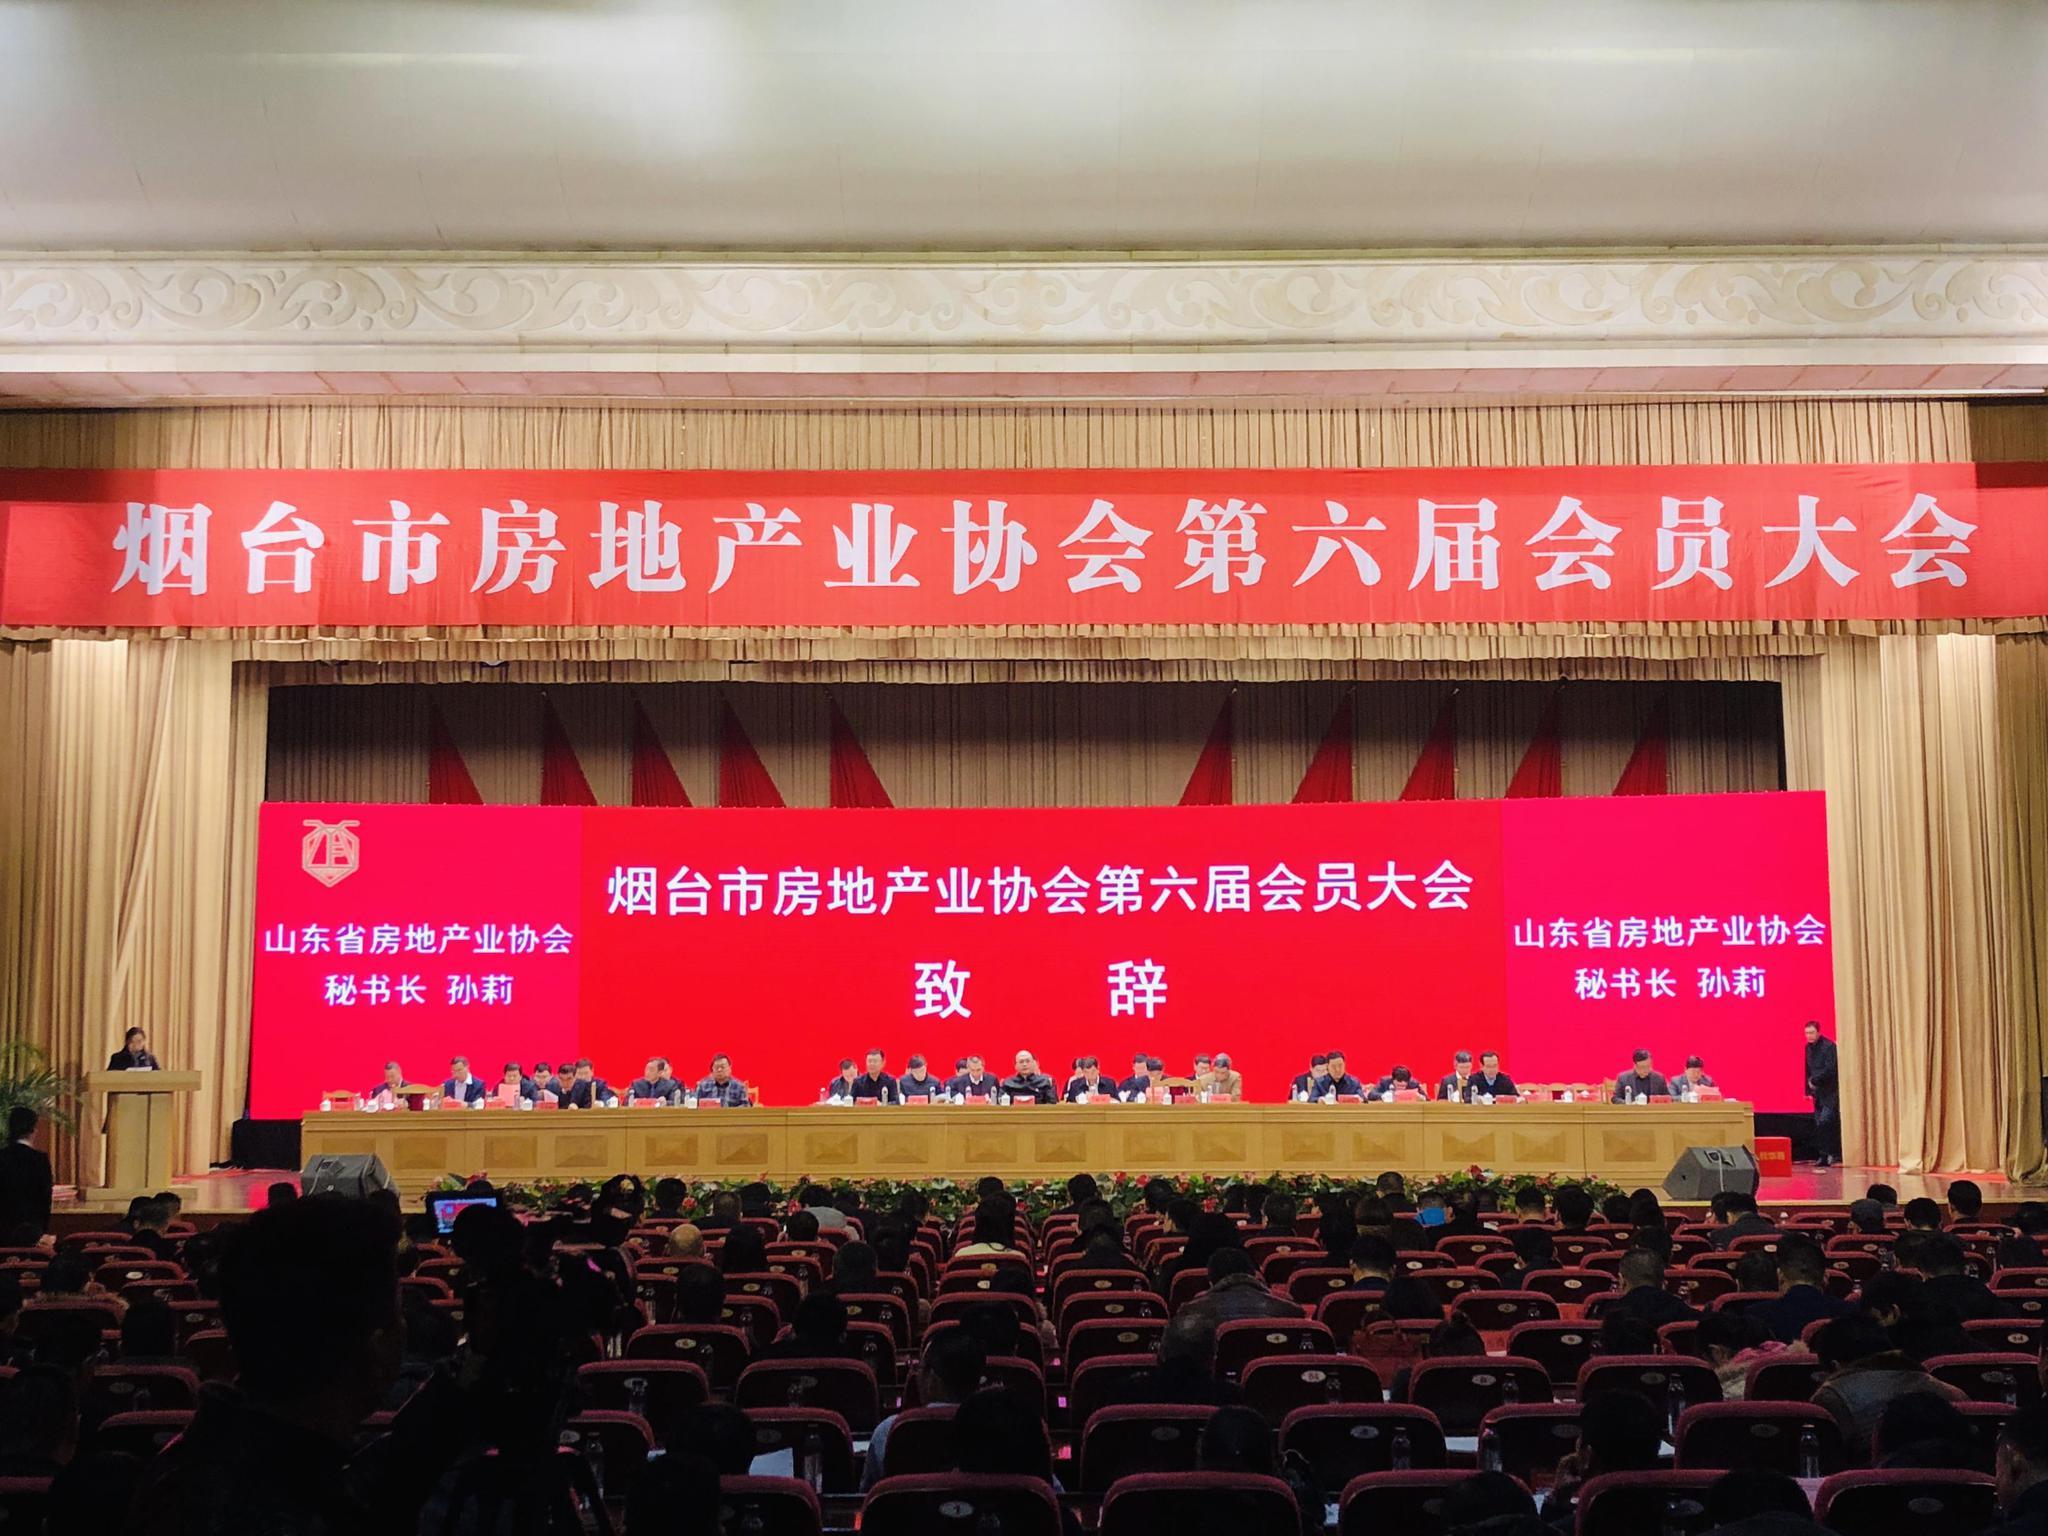 烟台房地产业协会第六届会员大会召开 乐居荣获常务理事单位